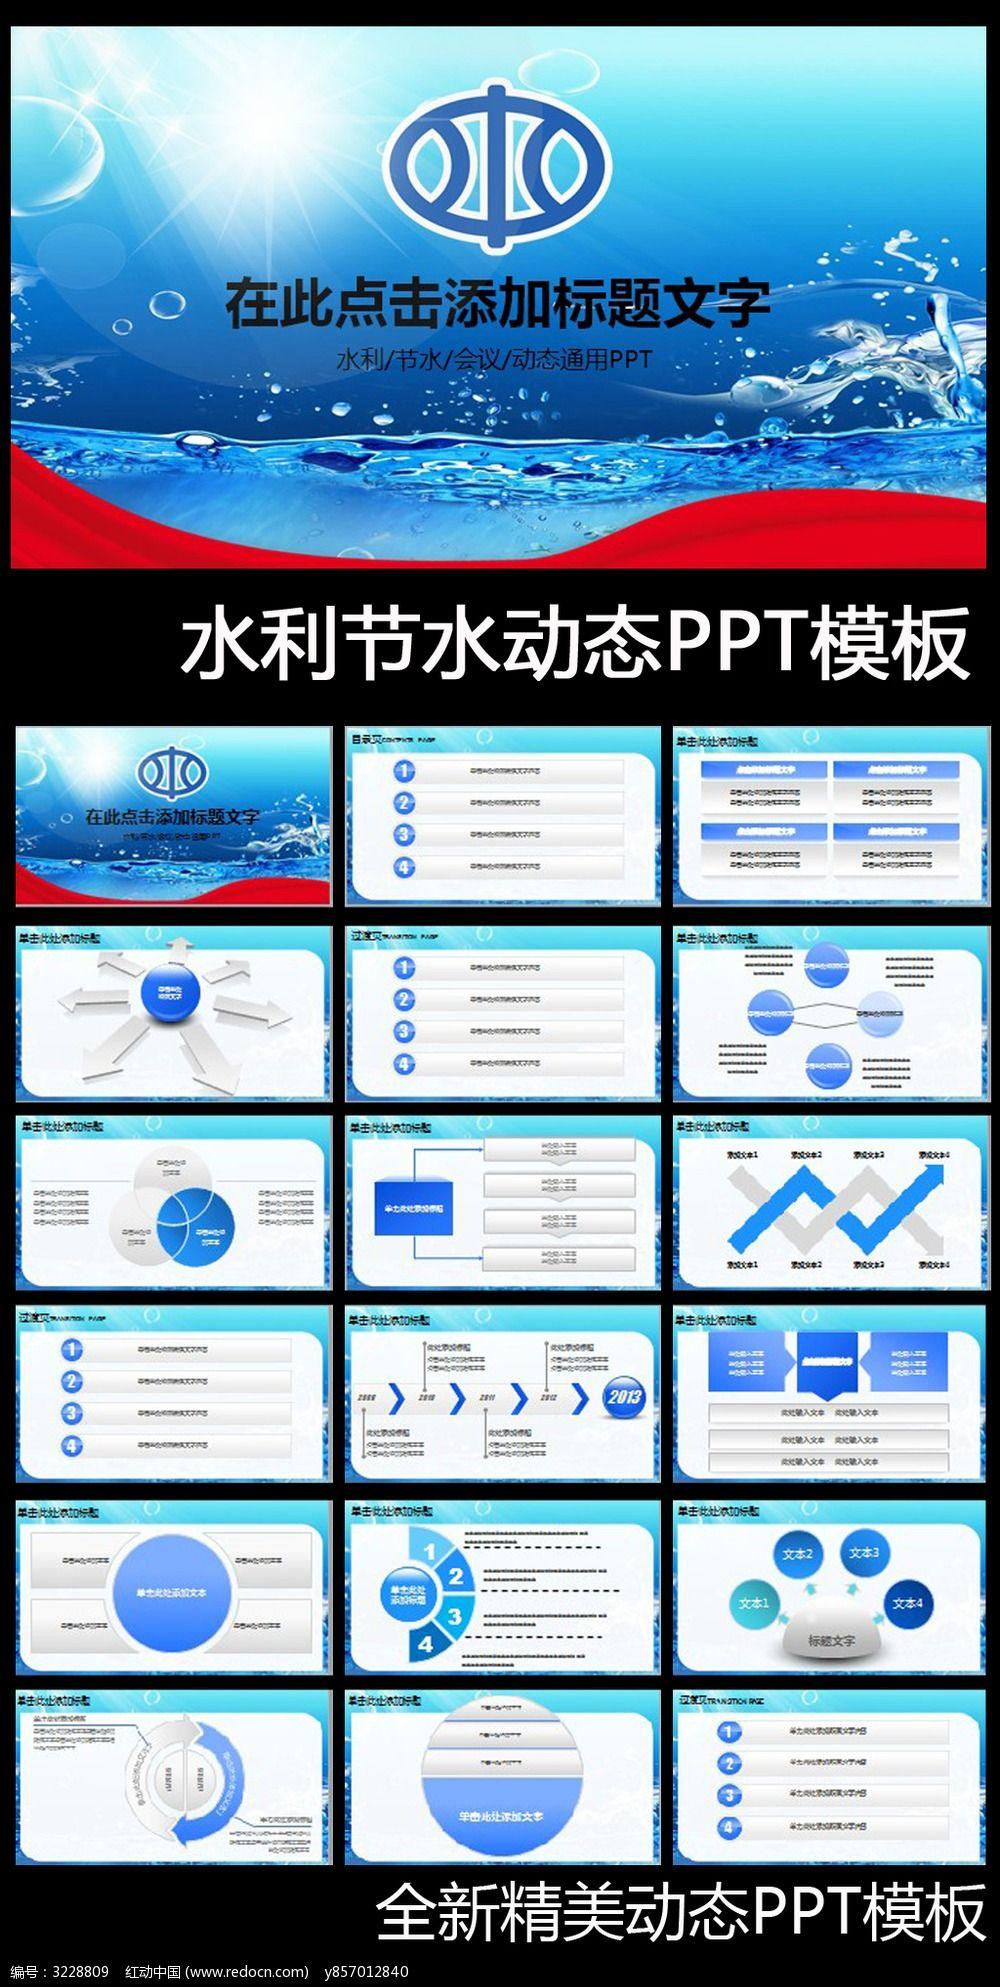 水利局水利工程会议报告总结ppt模板